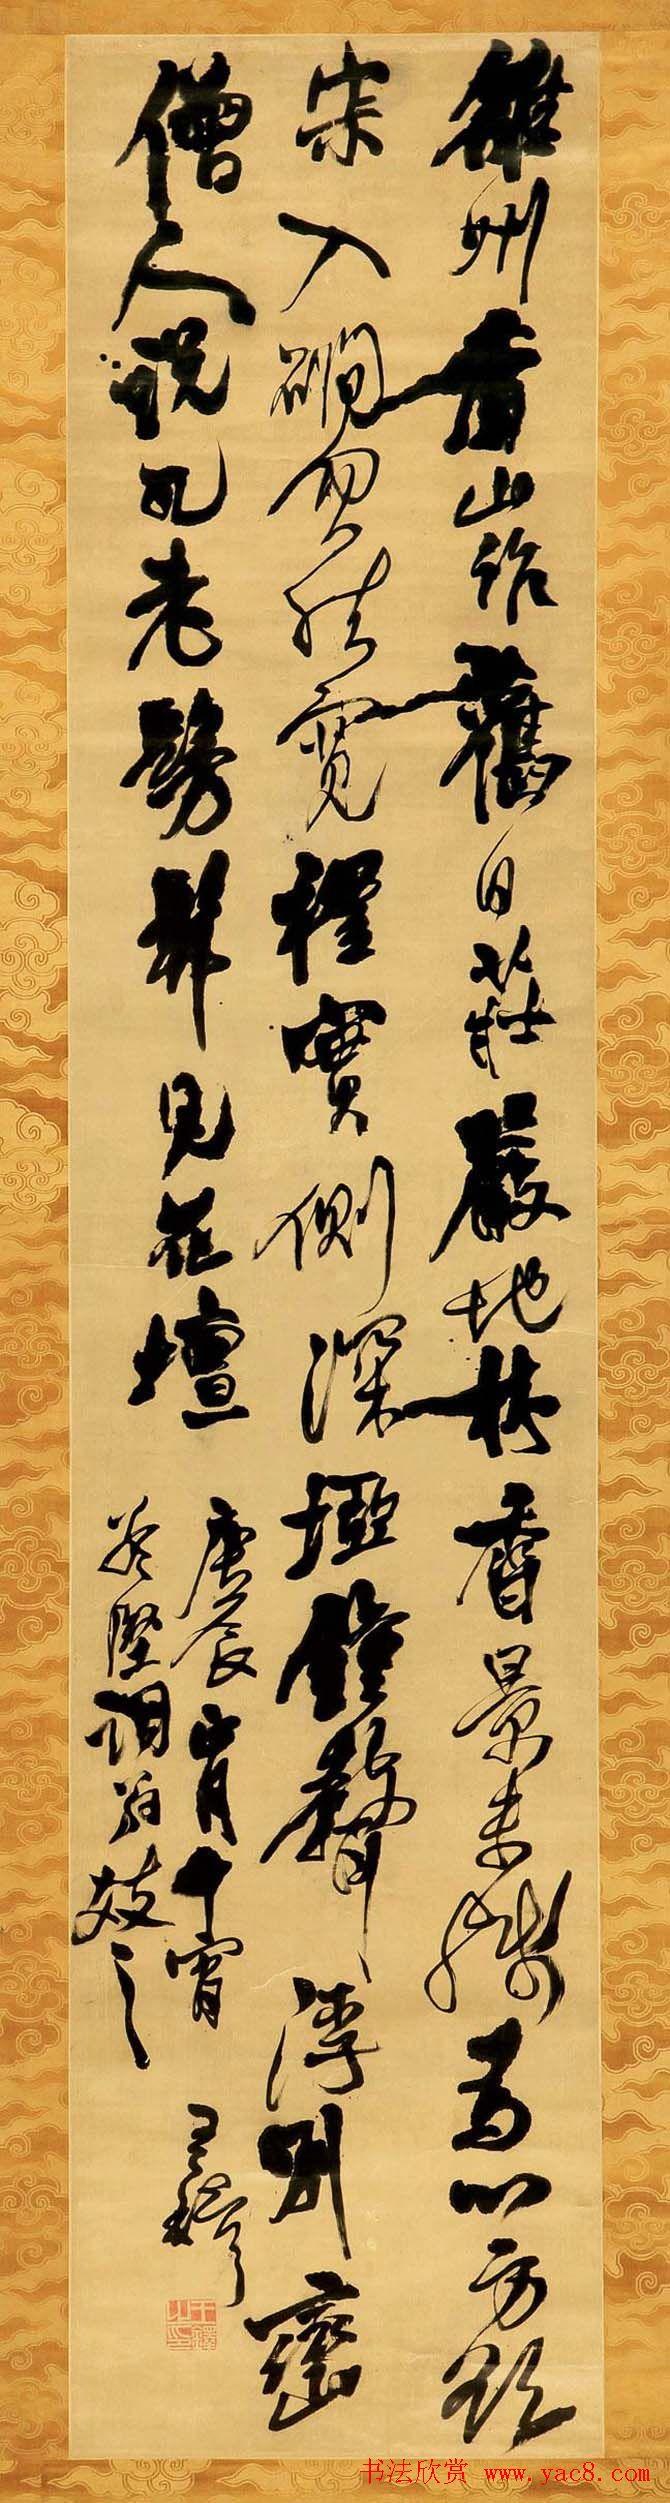 王铎书法作品欣赏《雒州香山作》